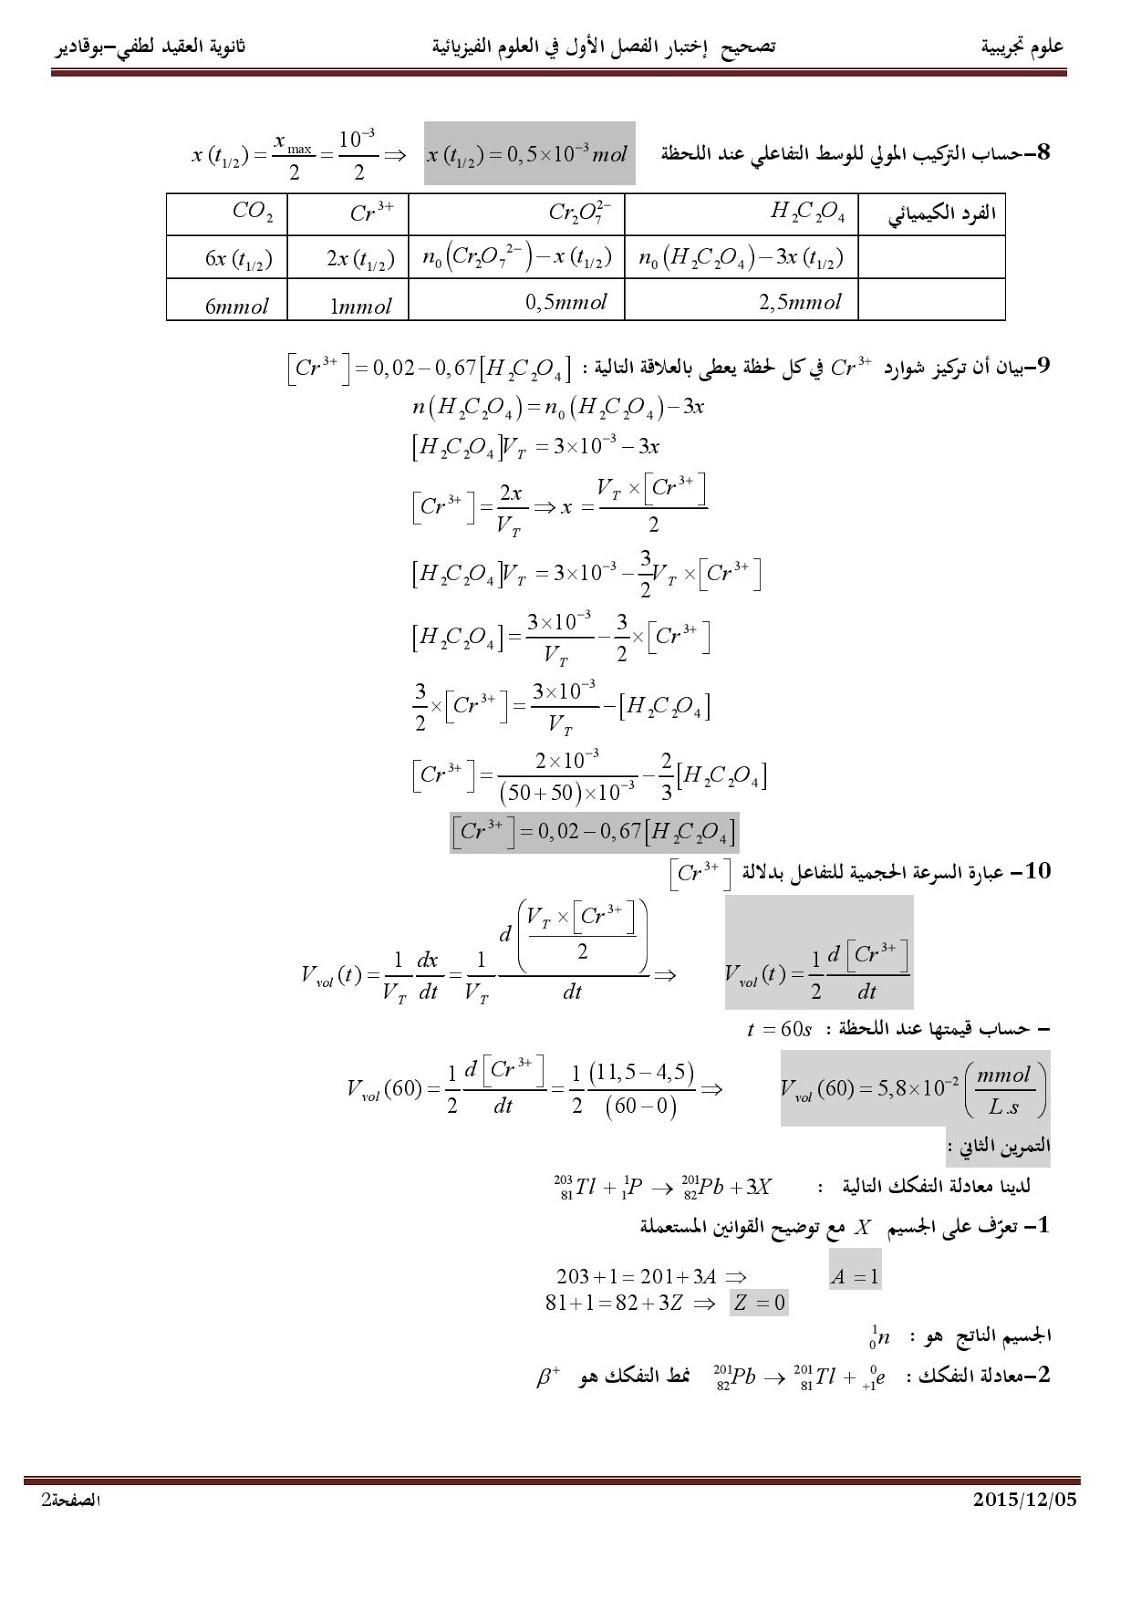 اختبار الفصل الاول في الفيزياء للسنة الثالثة ثانوي علوم تجريبية